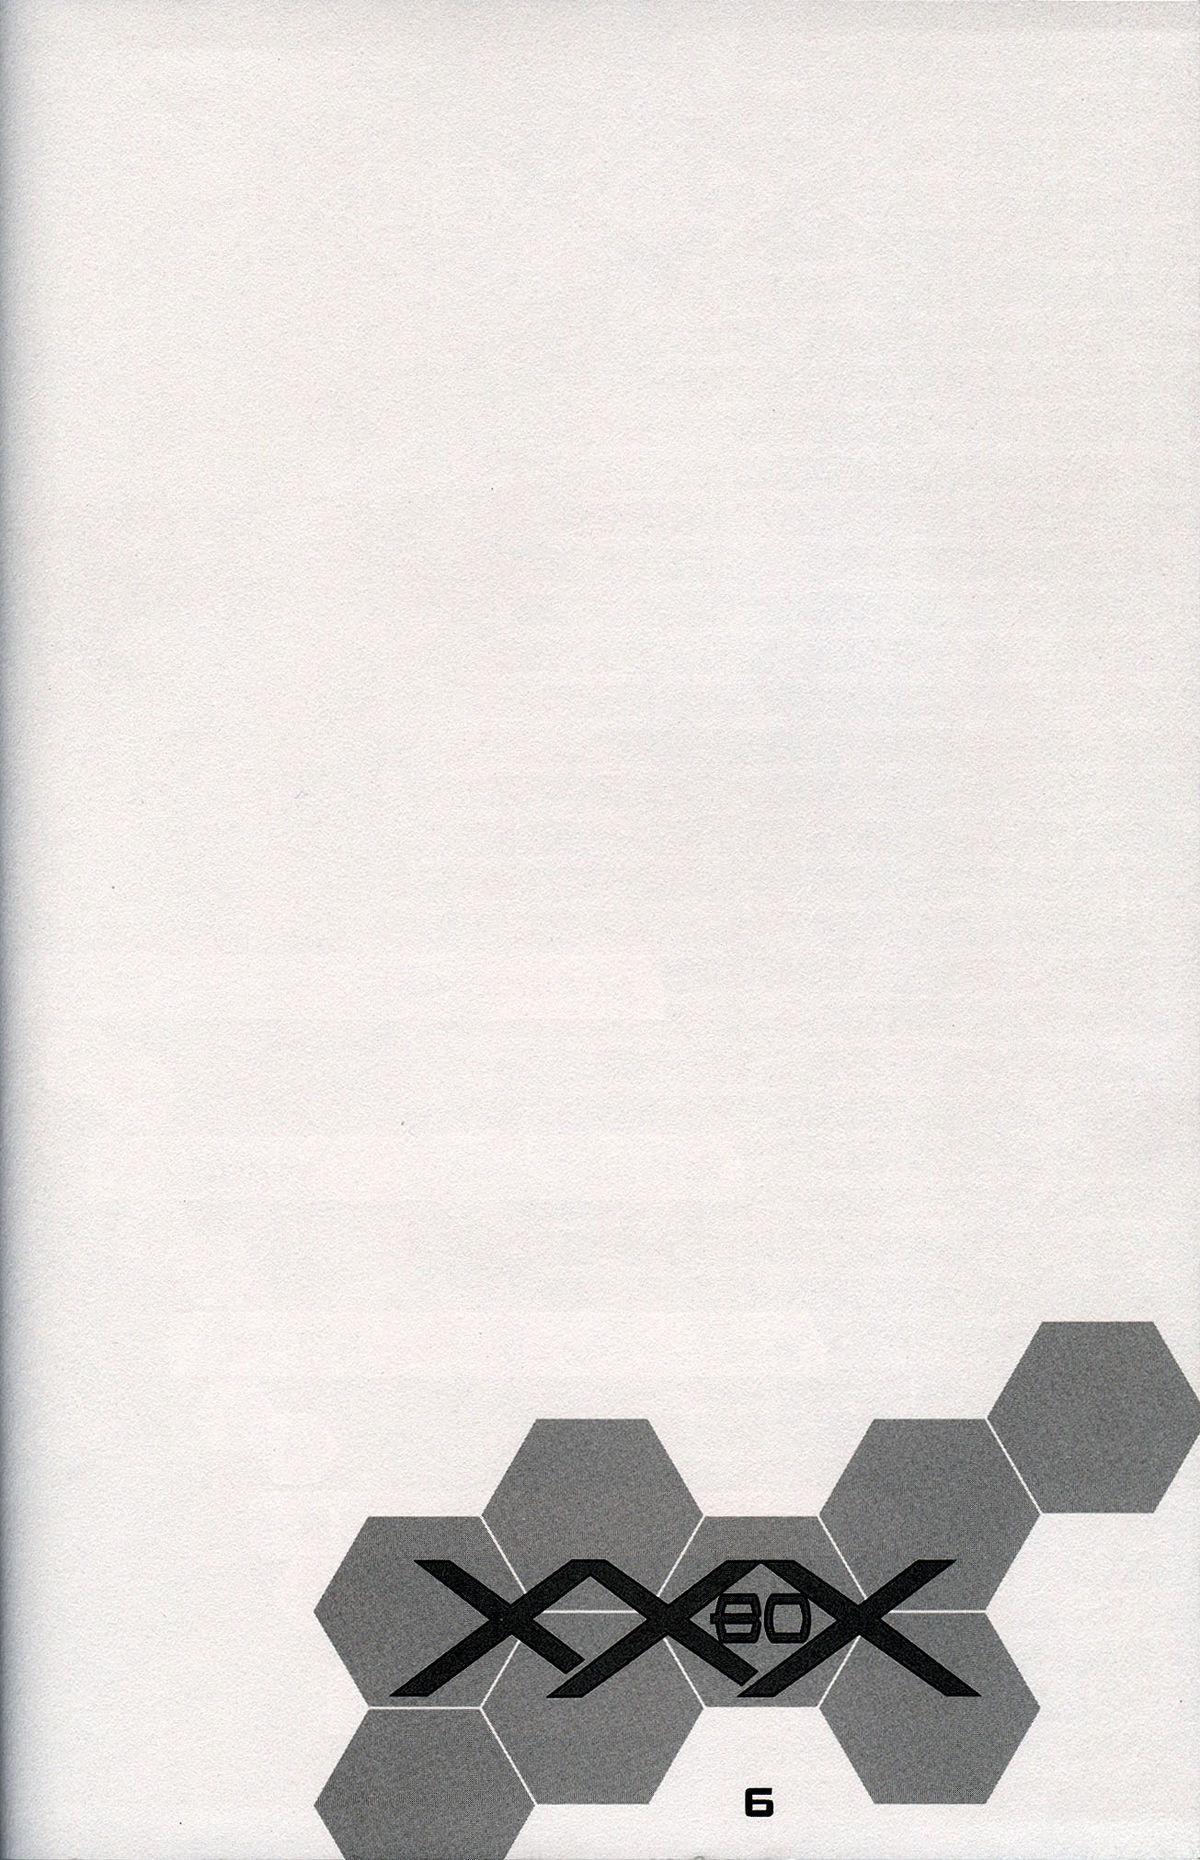 XXBOX 4